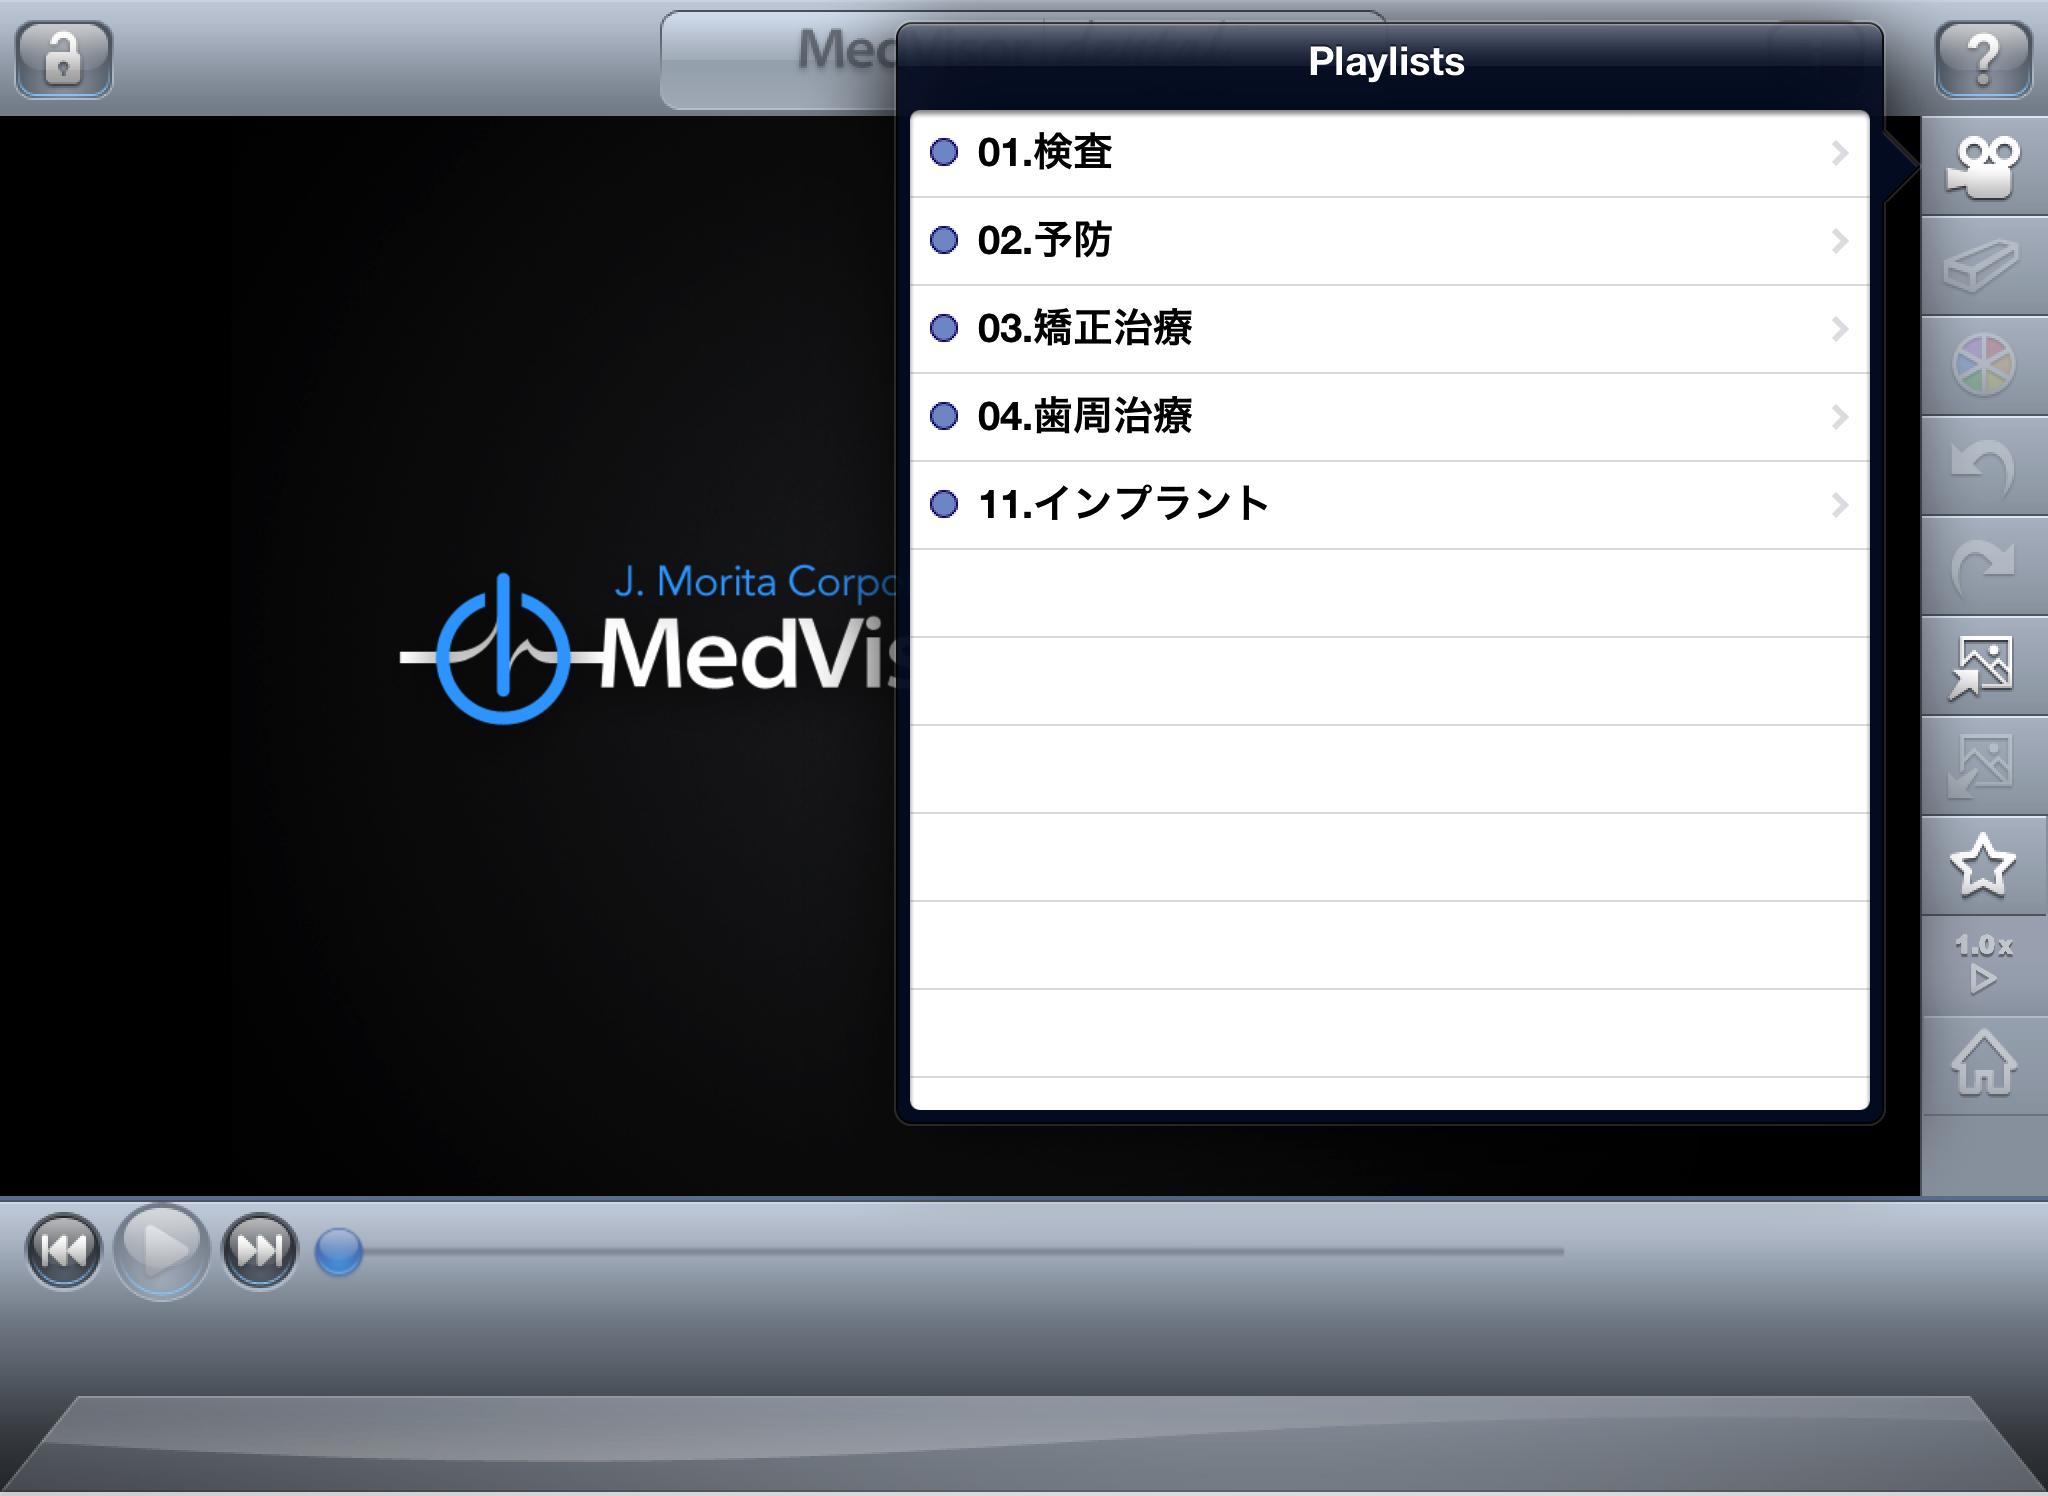 メドバイザー for iPadの動画が5個だけの状態